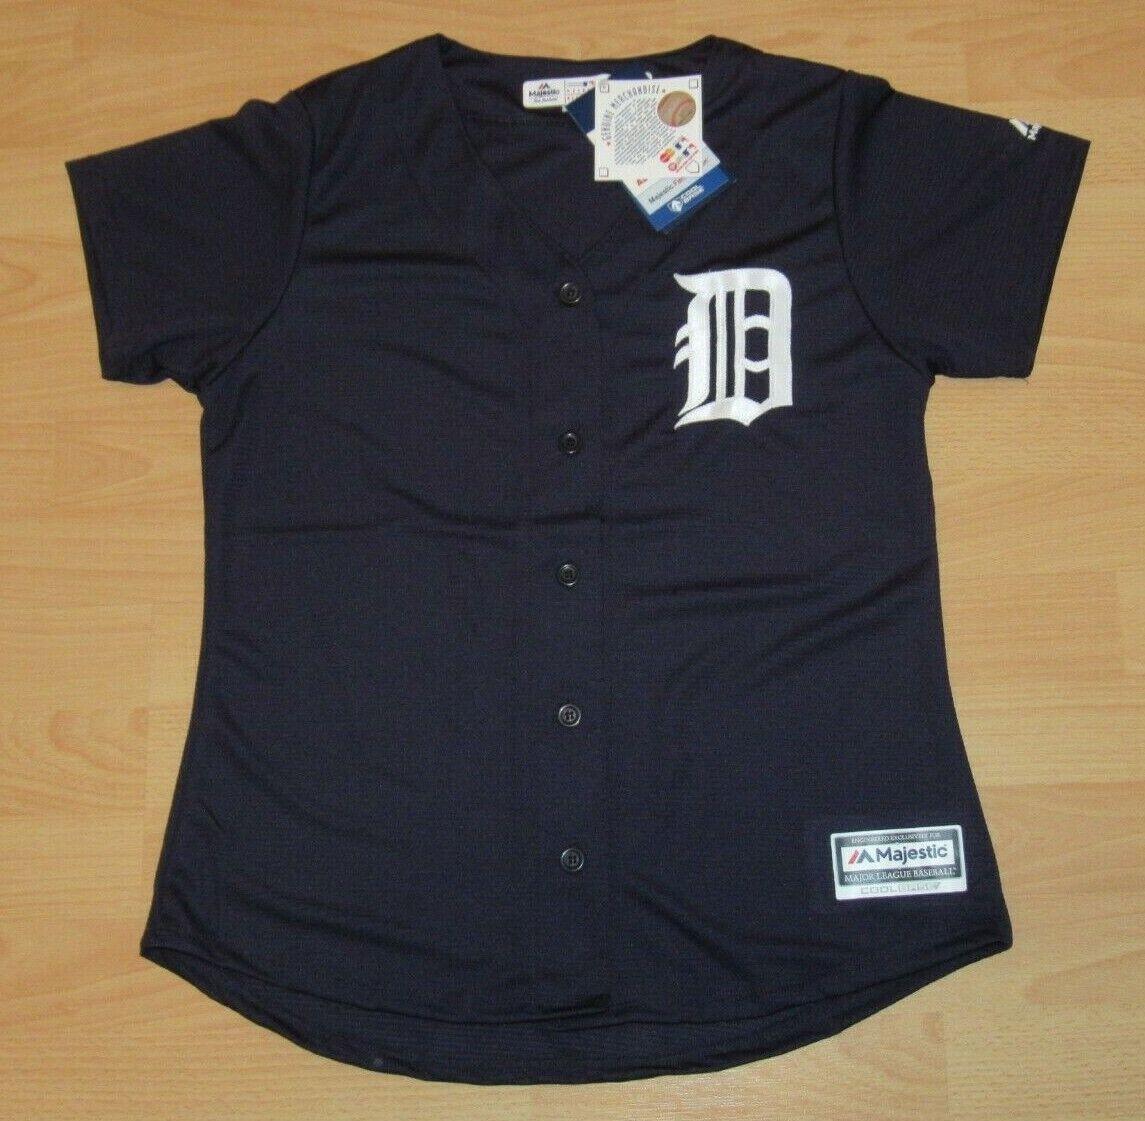 Authentisch Majestic Detroit Tigers Cool Cool Cool Base Entfernt Trikot Damen Gr. S 808437